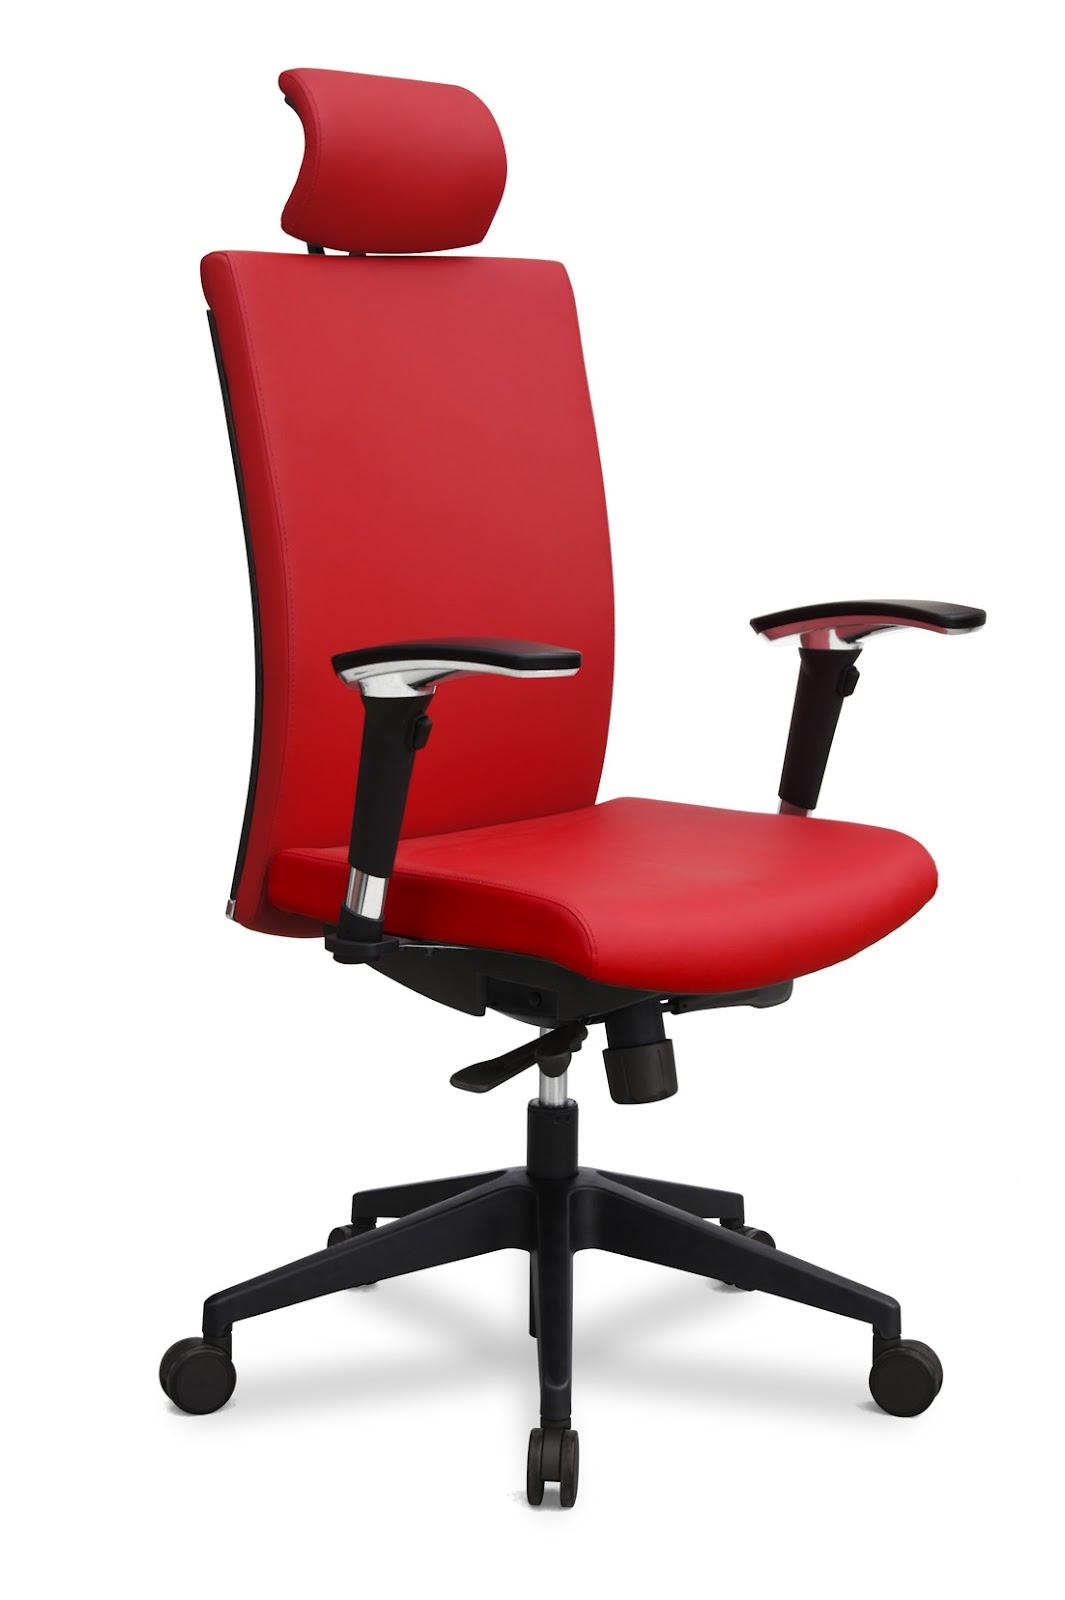 Oficina total sillas y sillones para despachos for Sillas diseno barcelona